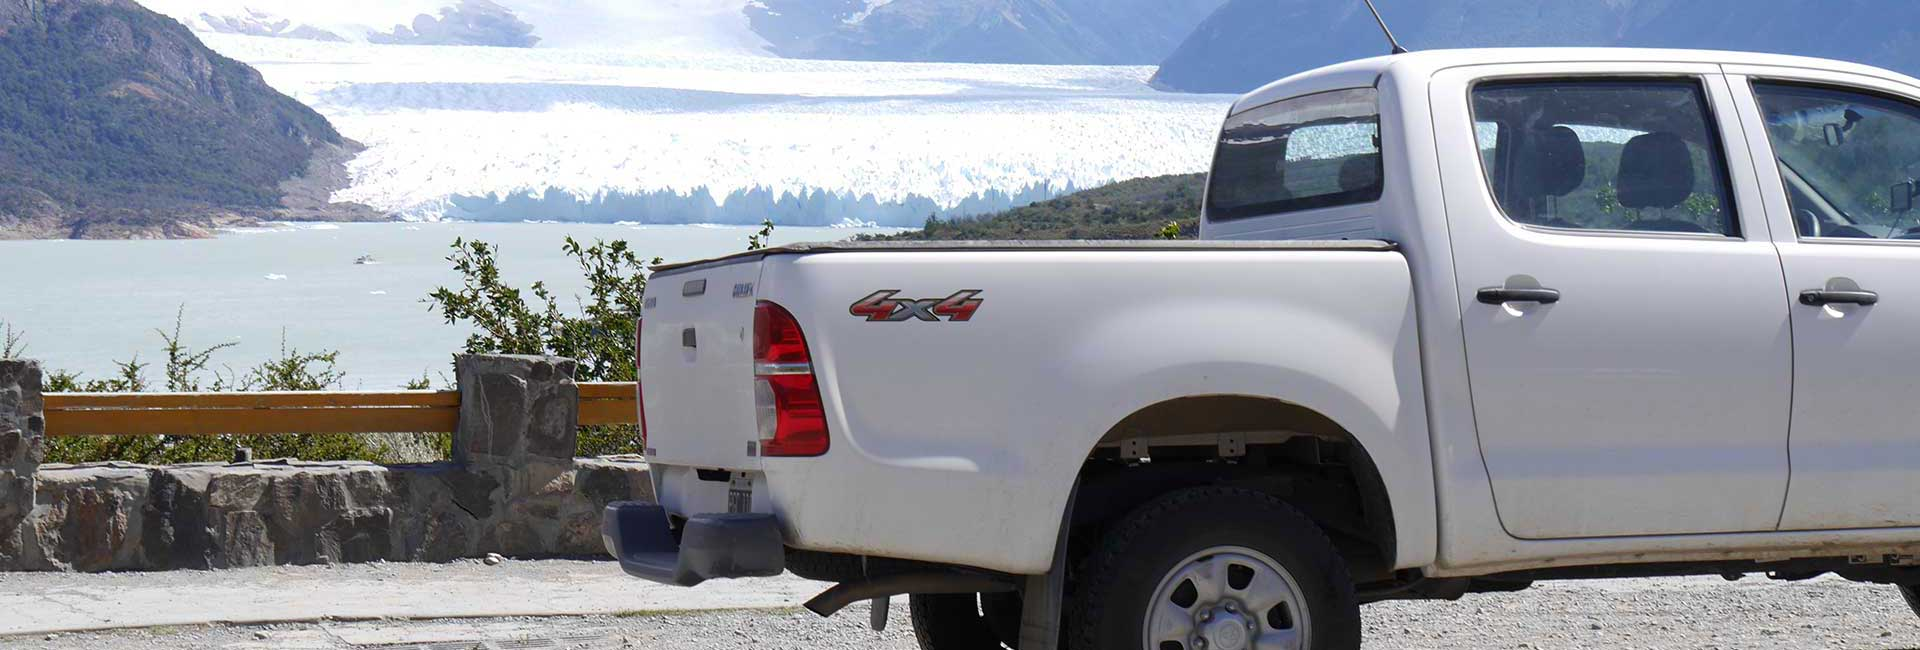 Hilux in front of Perito Moreno glacier